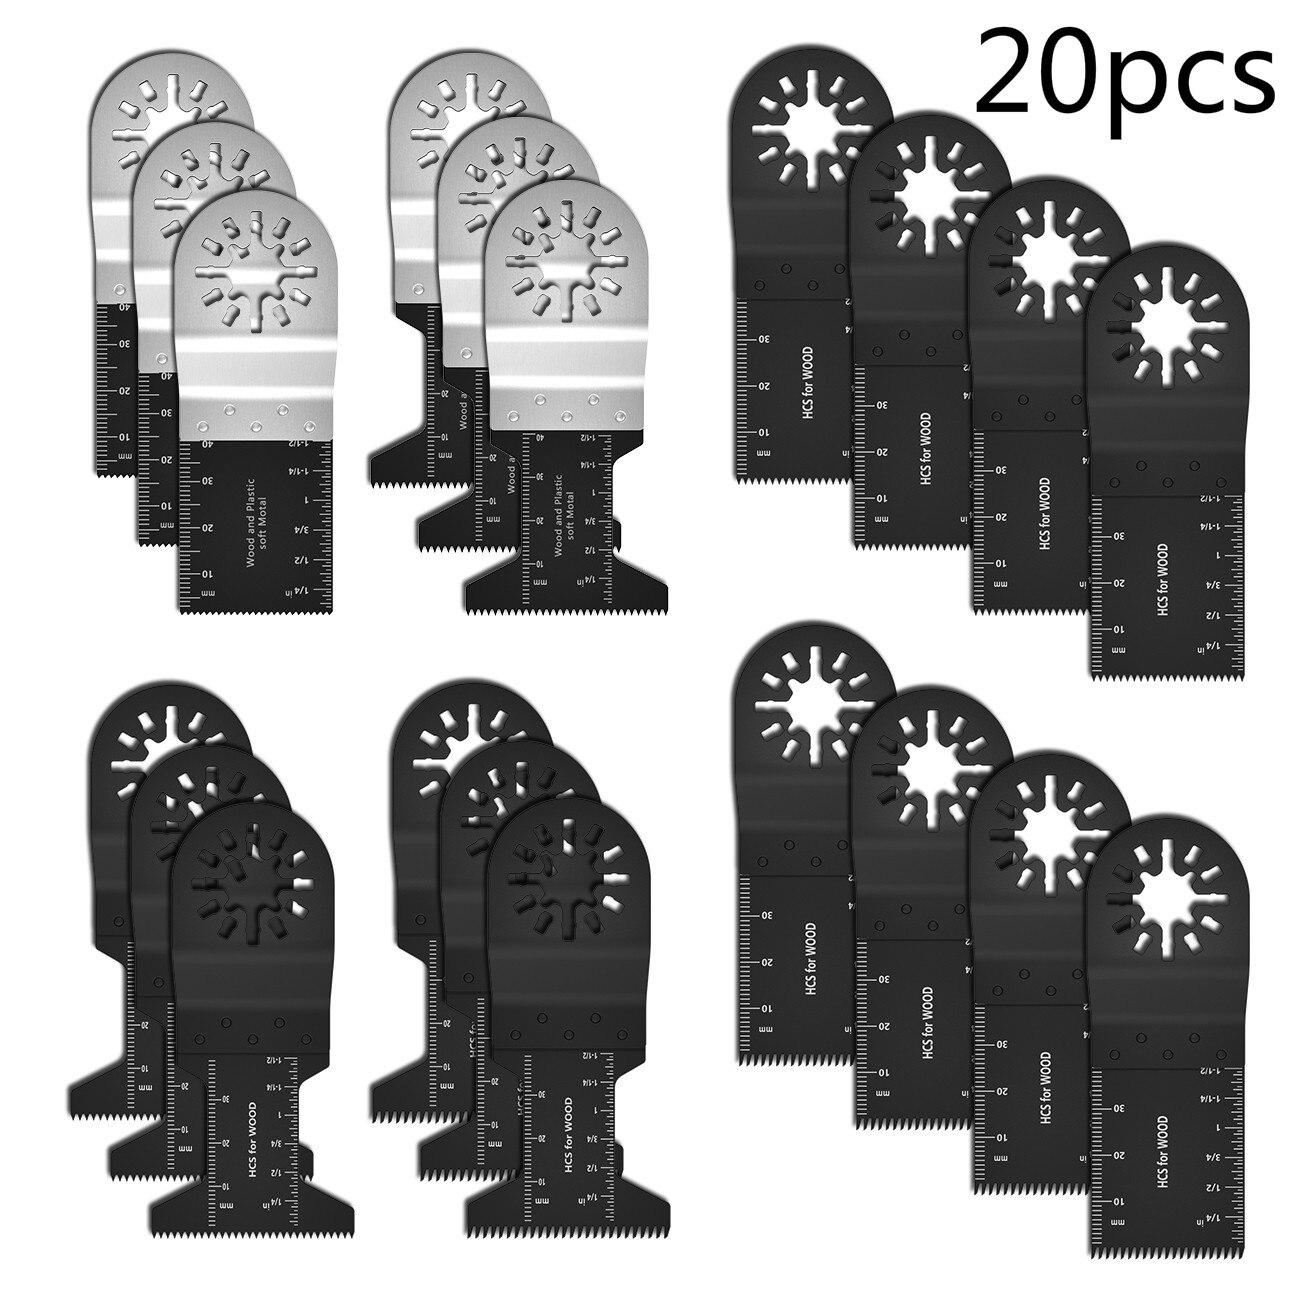 20 шт. Высокоуглеродистая сталь, вибрационная пила, многофункциональная биметаллическая Точная колеблющаяся пила, многофункциональный инс...